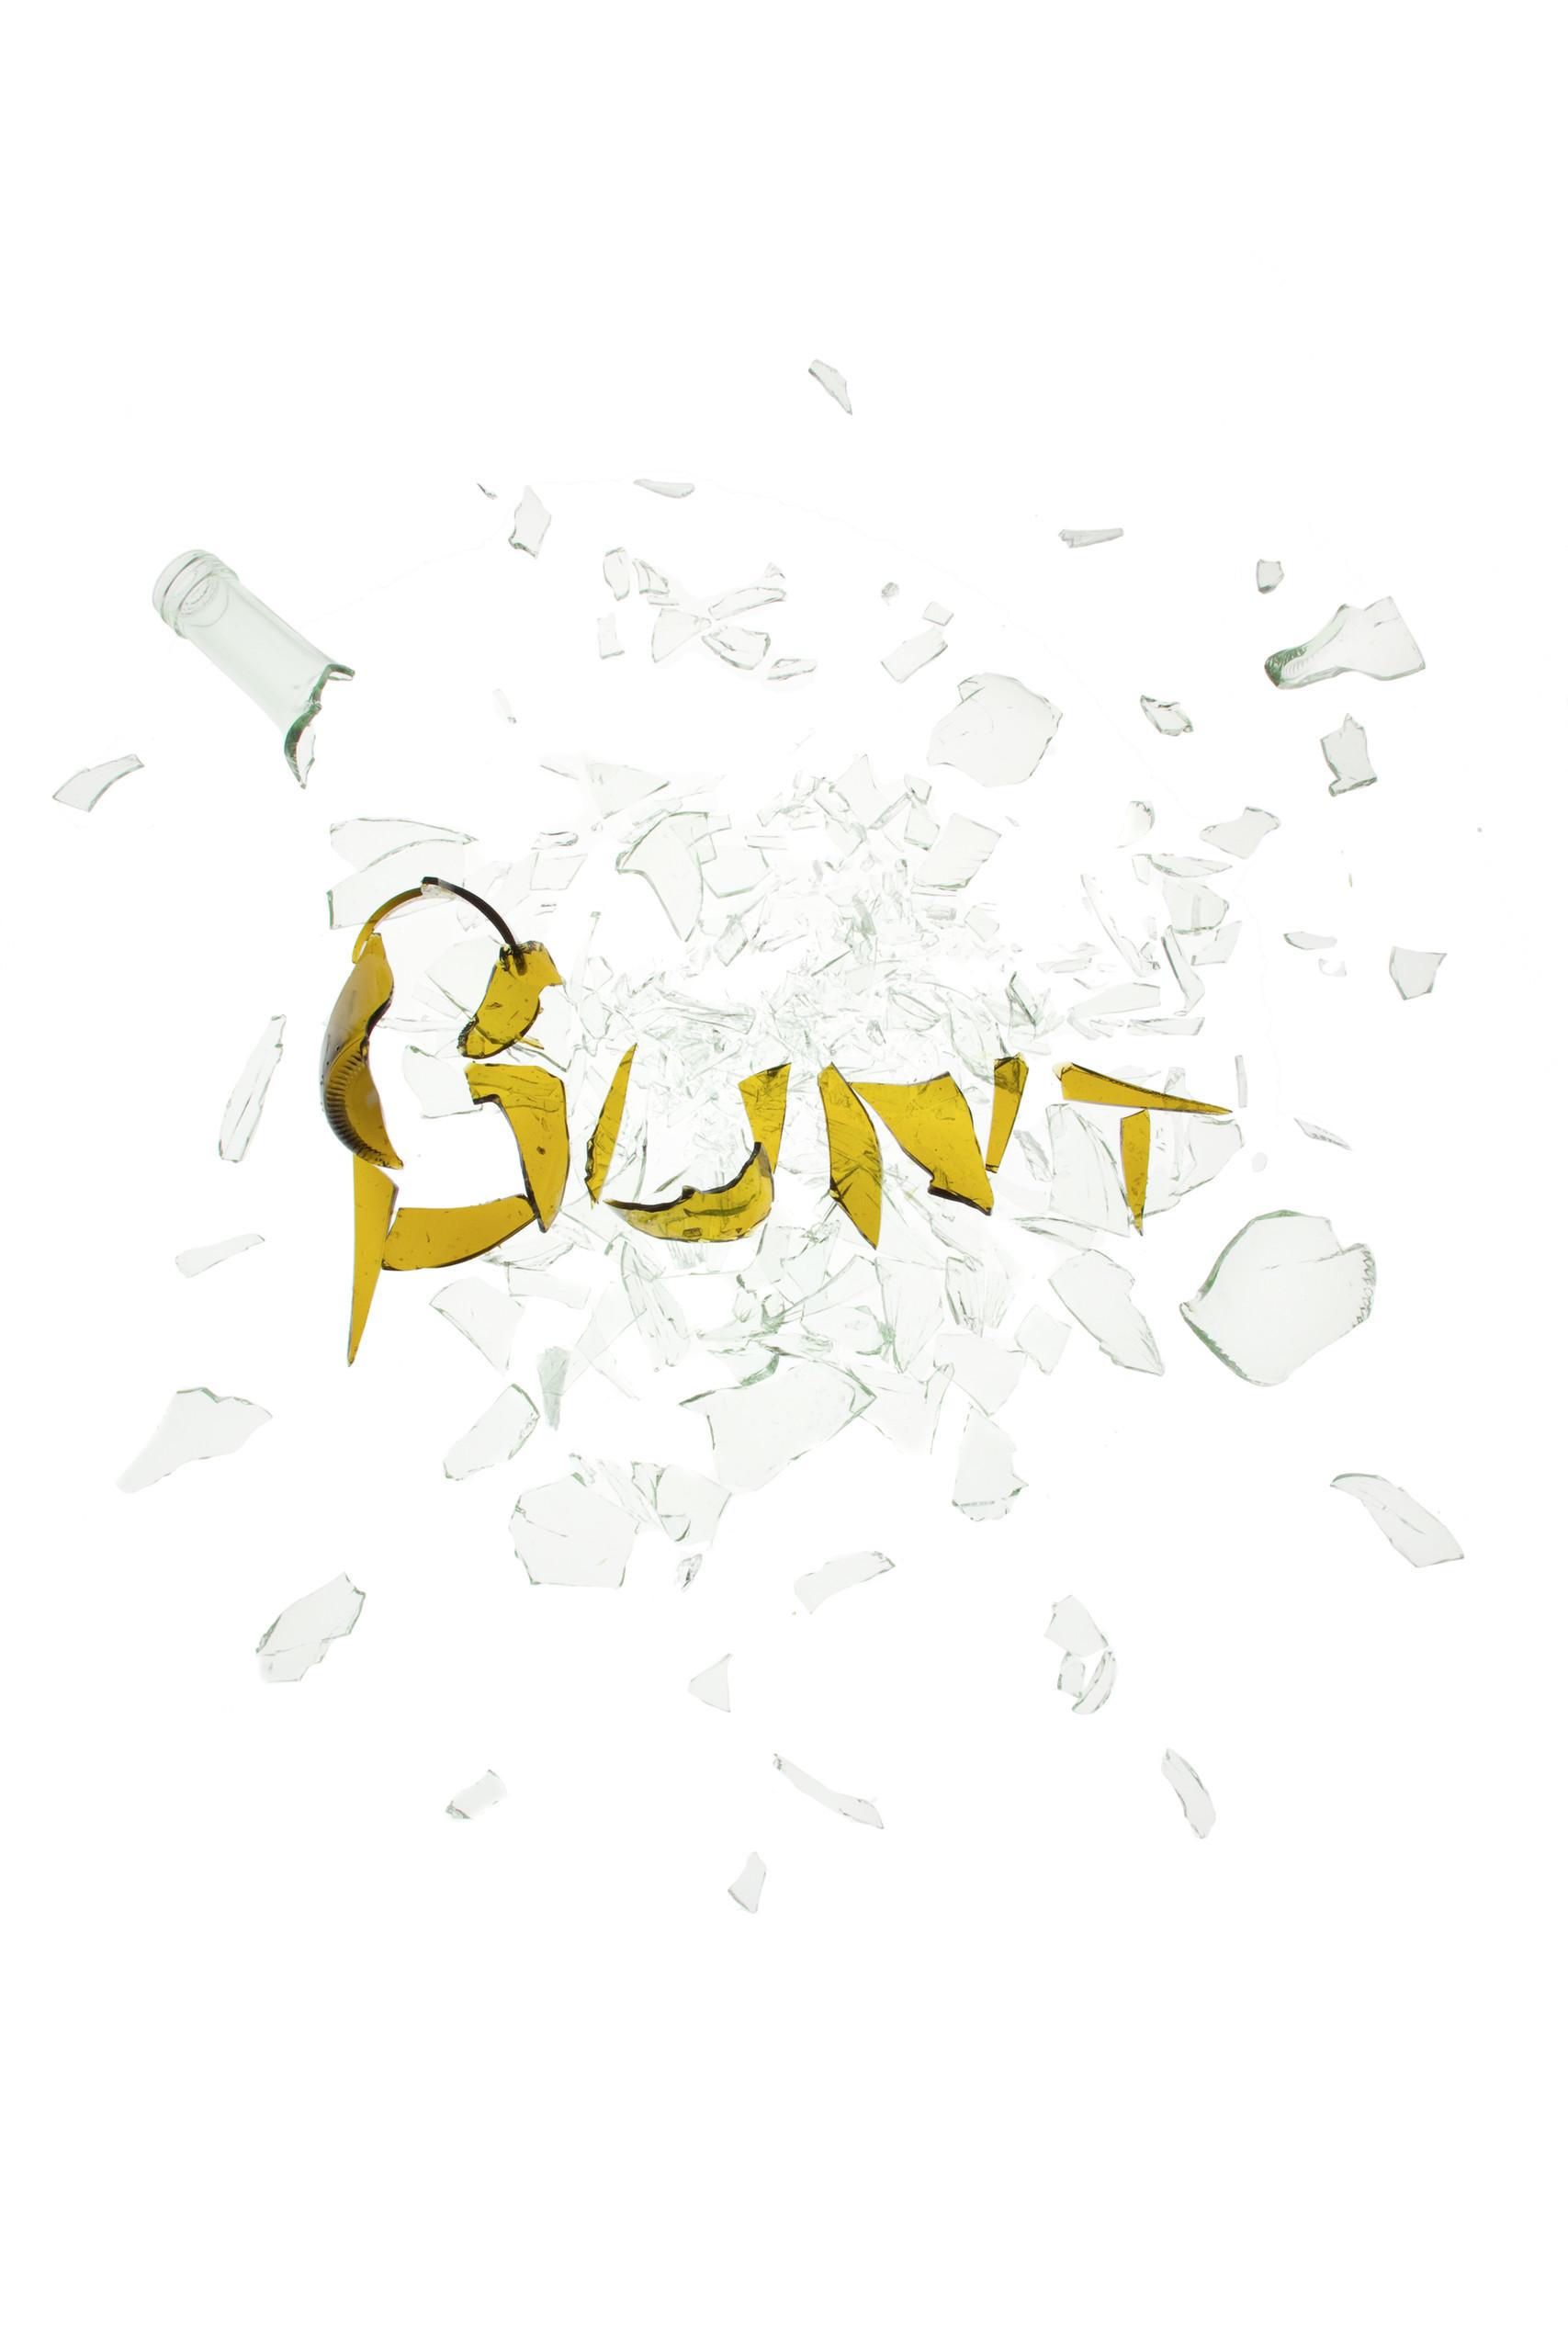 hellgrüne Glasscherben, darauf mit braunen Scherben das Wort 'bunt' geschreiben.